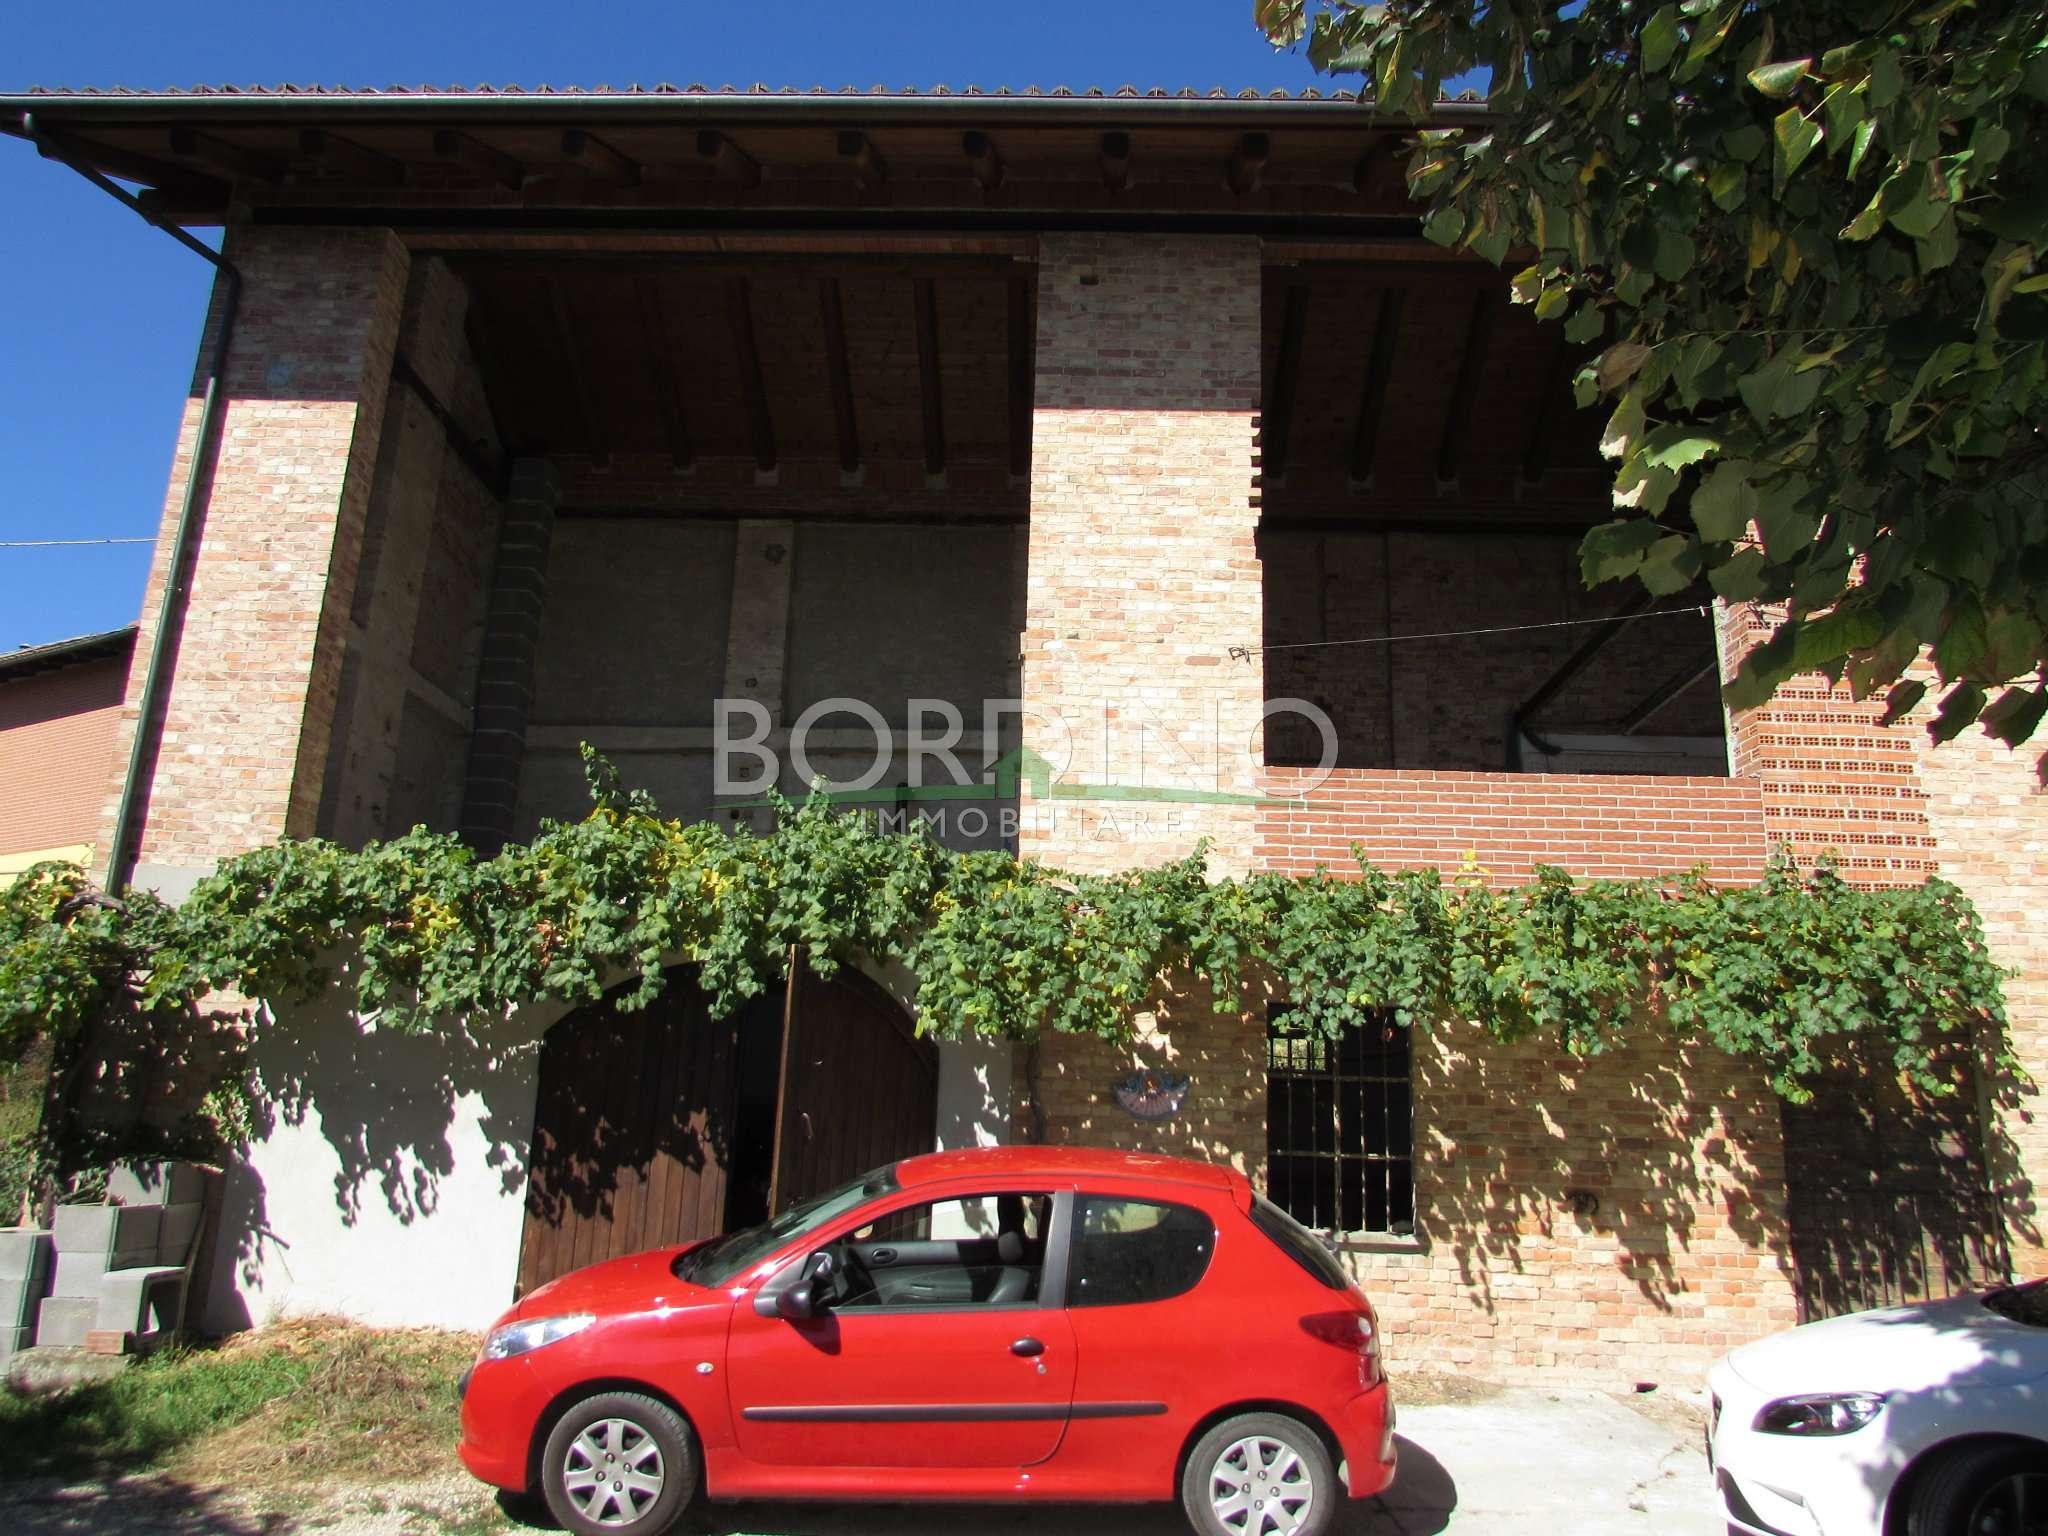 Rustico / Casale in vendita a Priocca, 4 locali, prezzo € 65.000 | CambioCasa.it